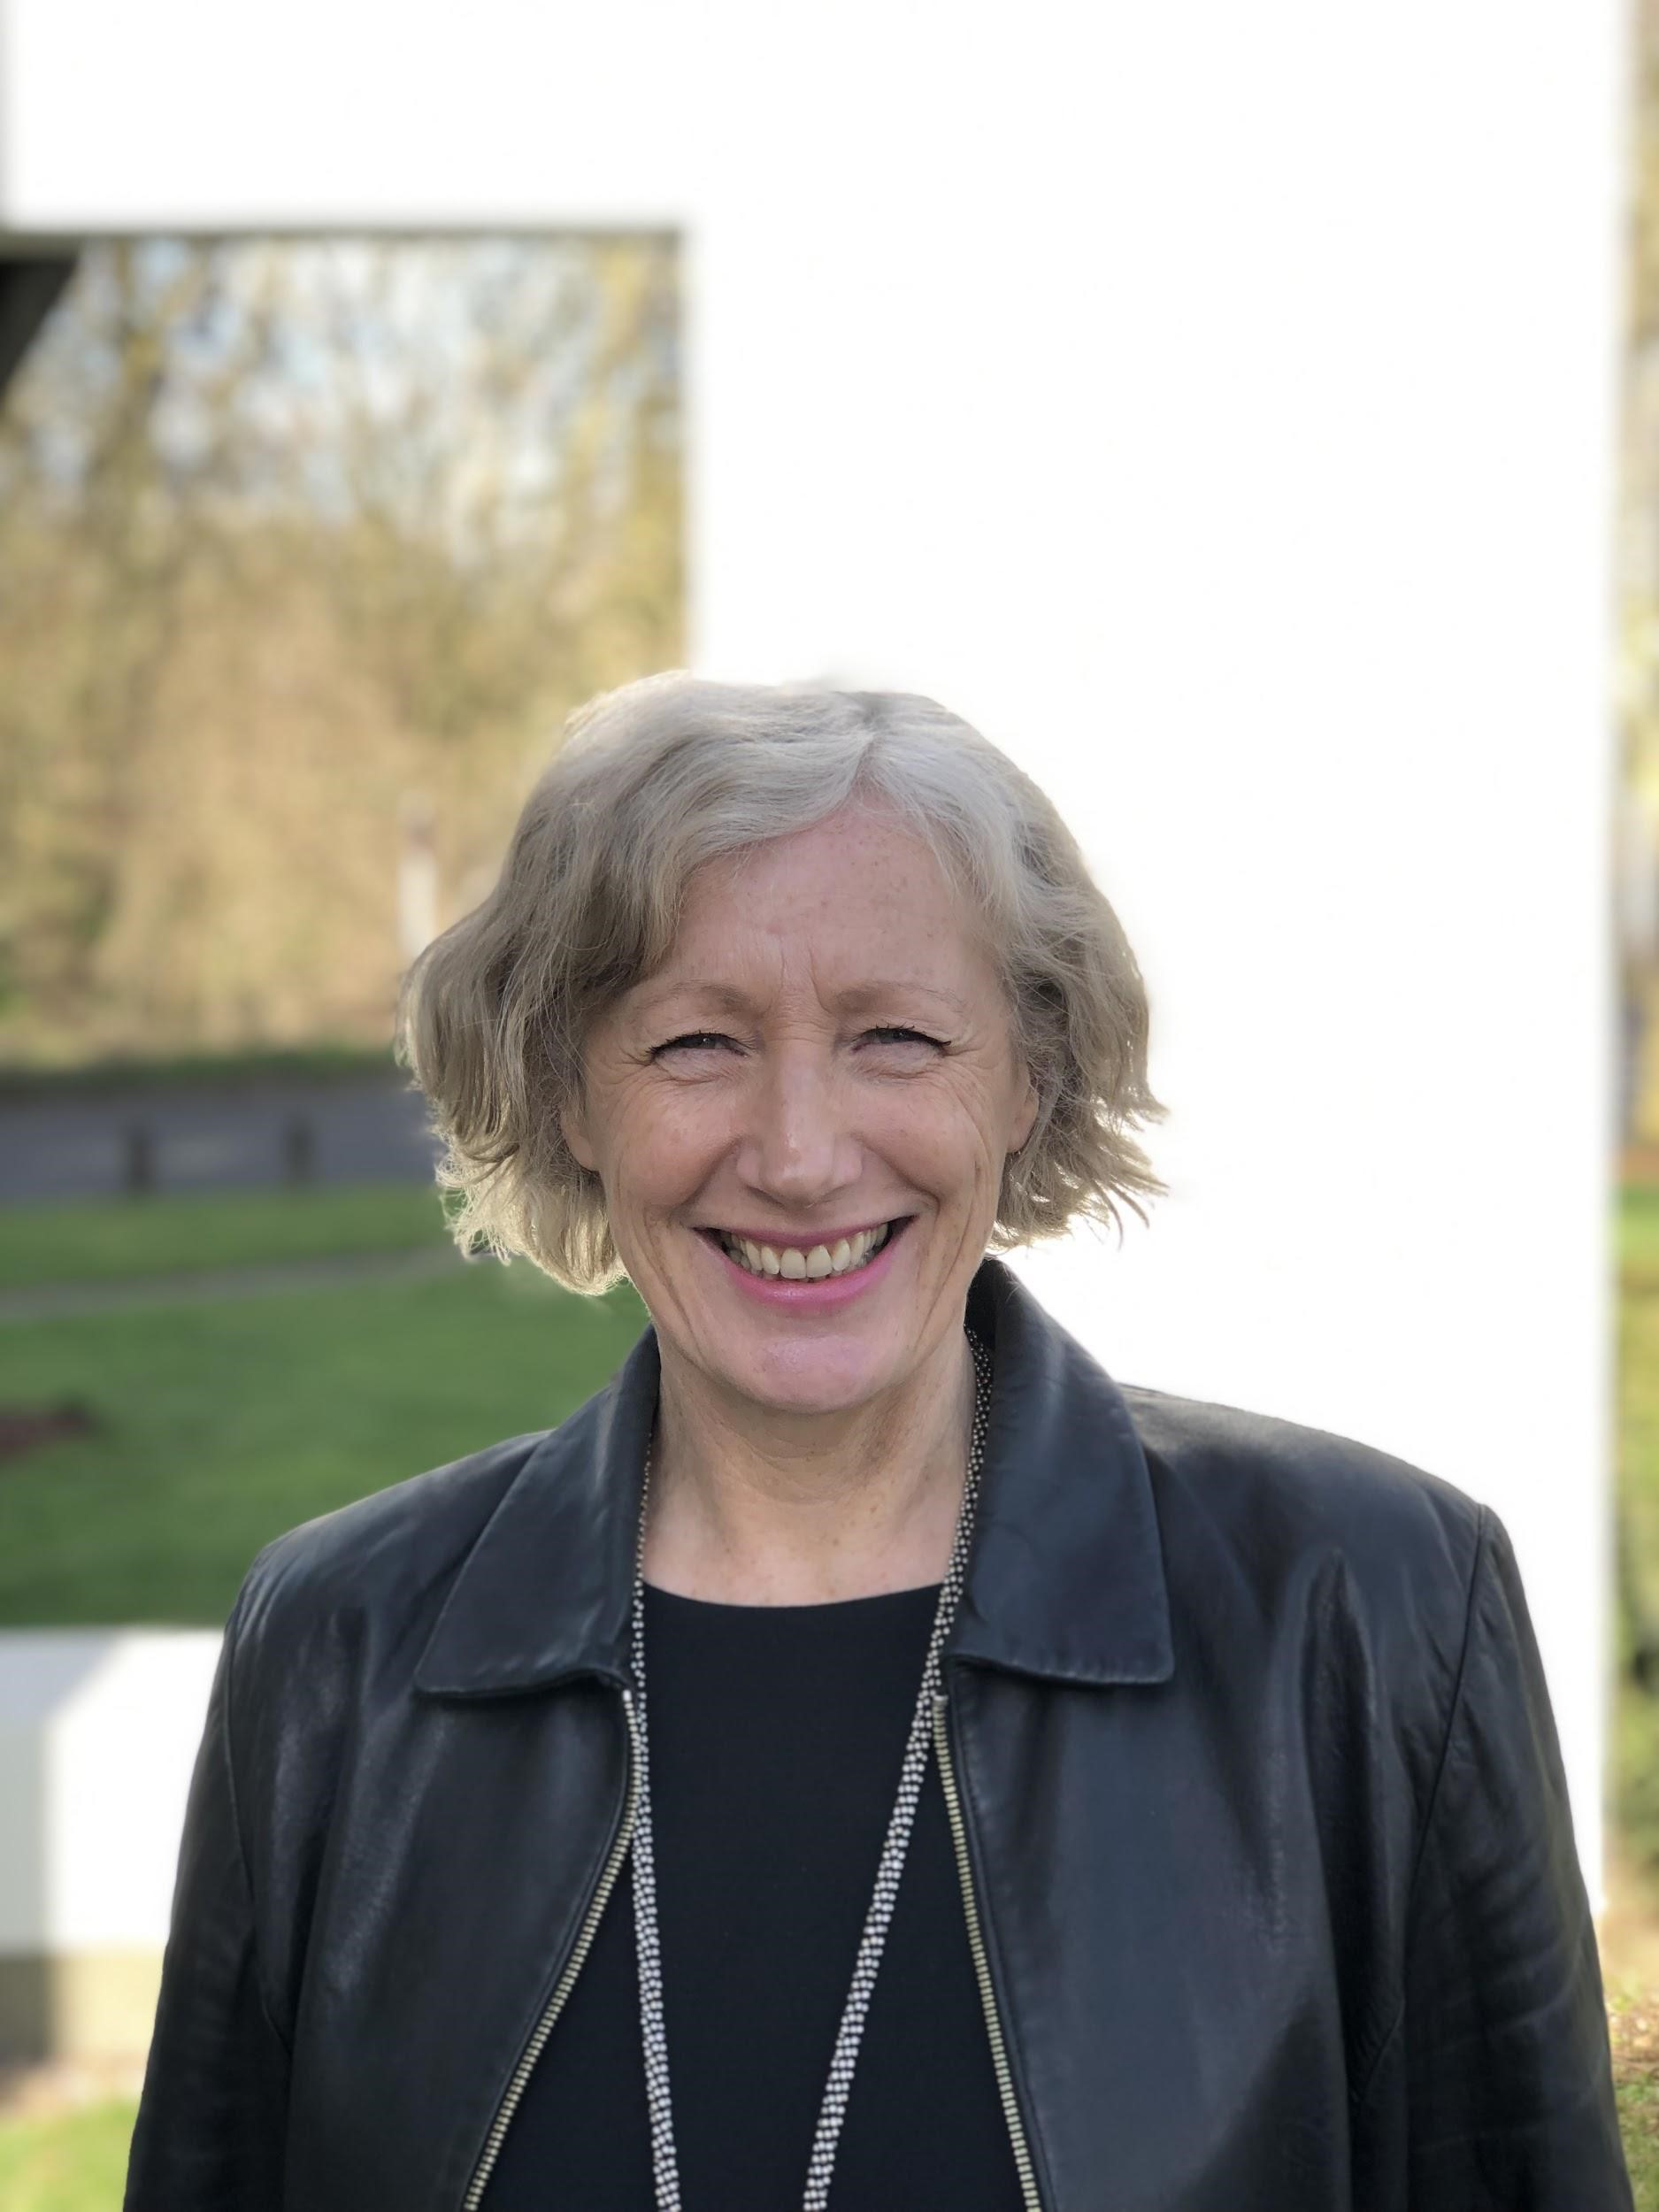 Liz Chamberlain